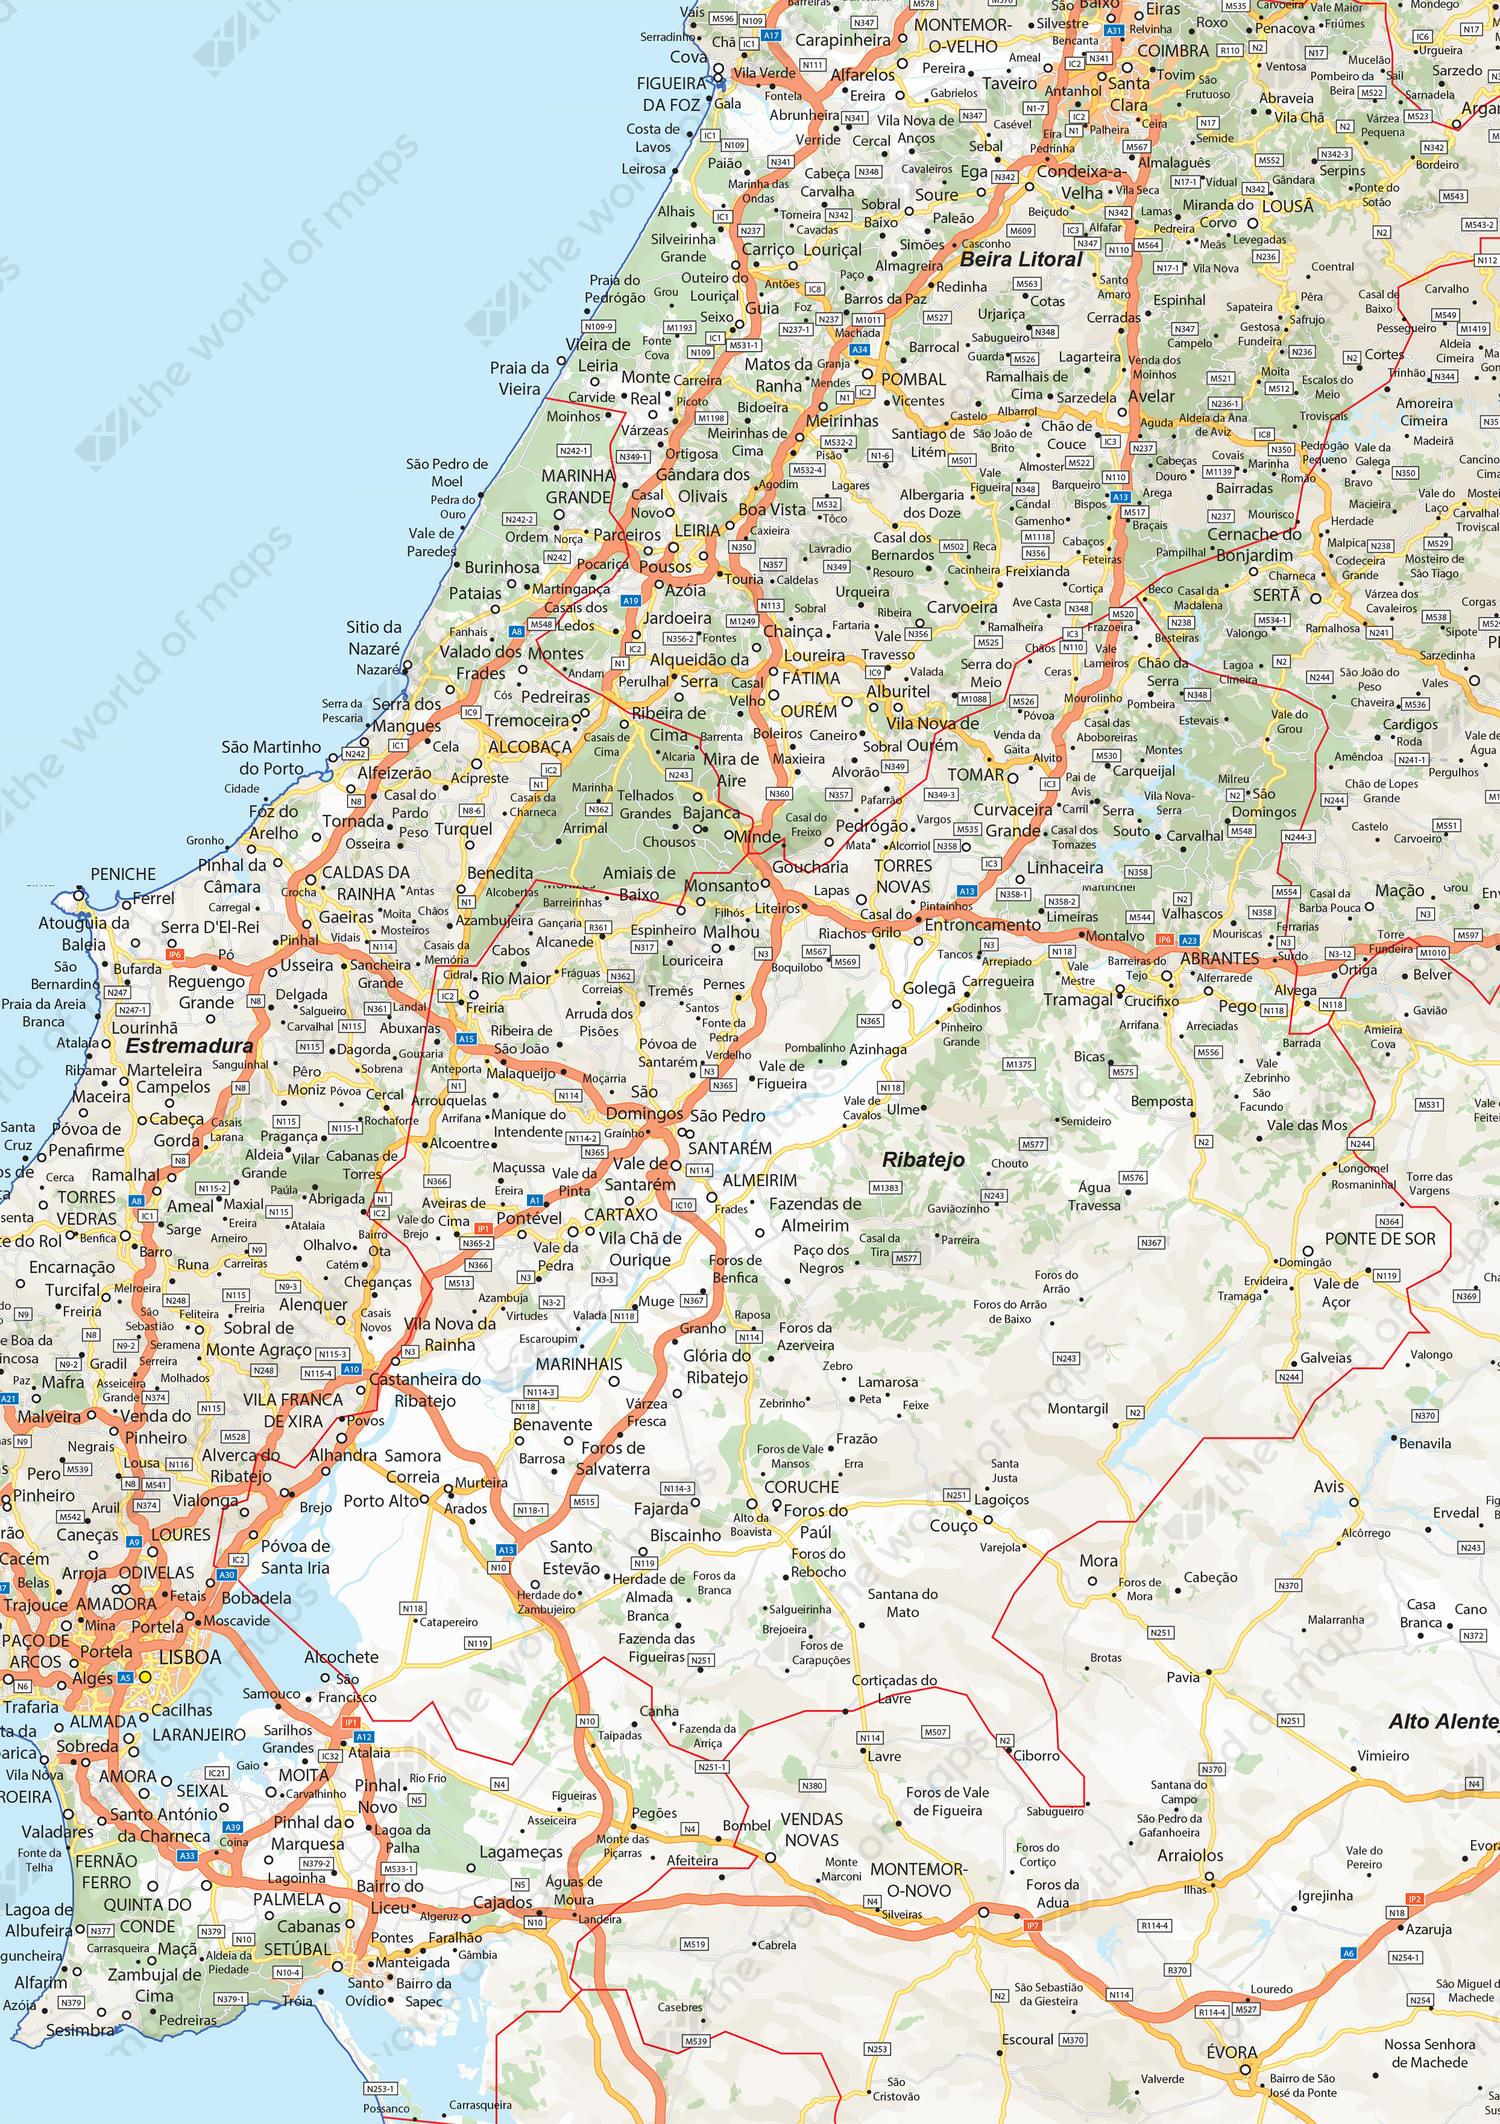 Digital Roadmap Portugal